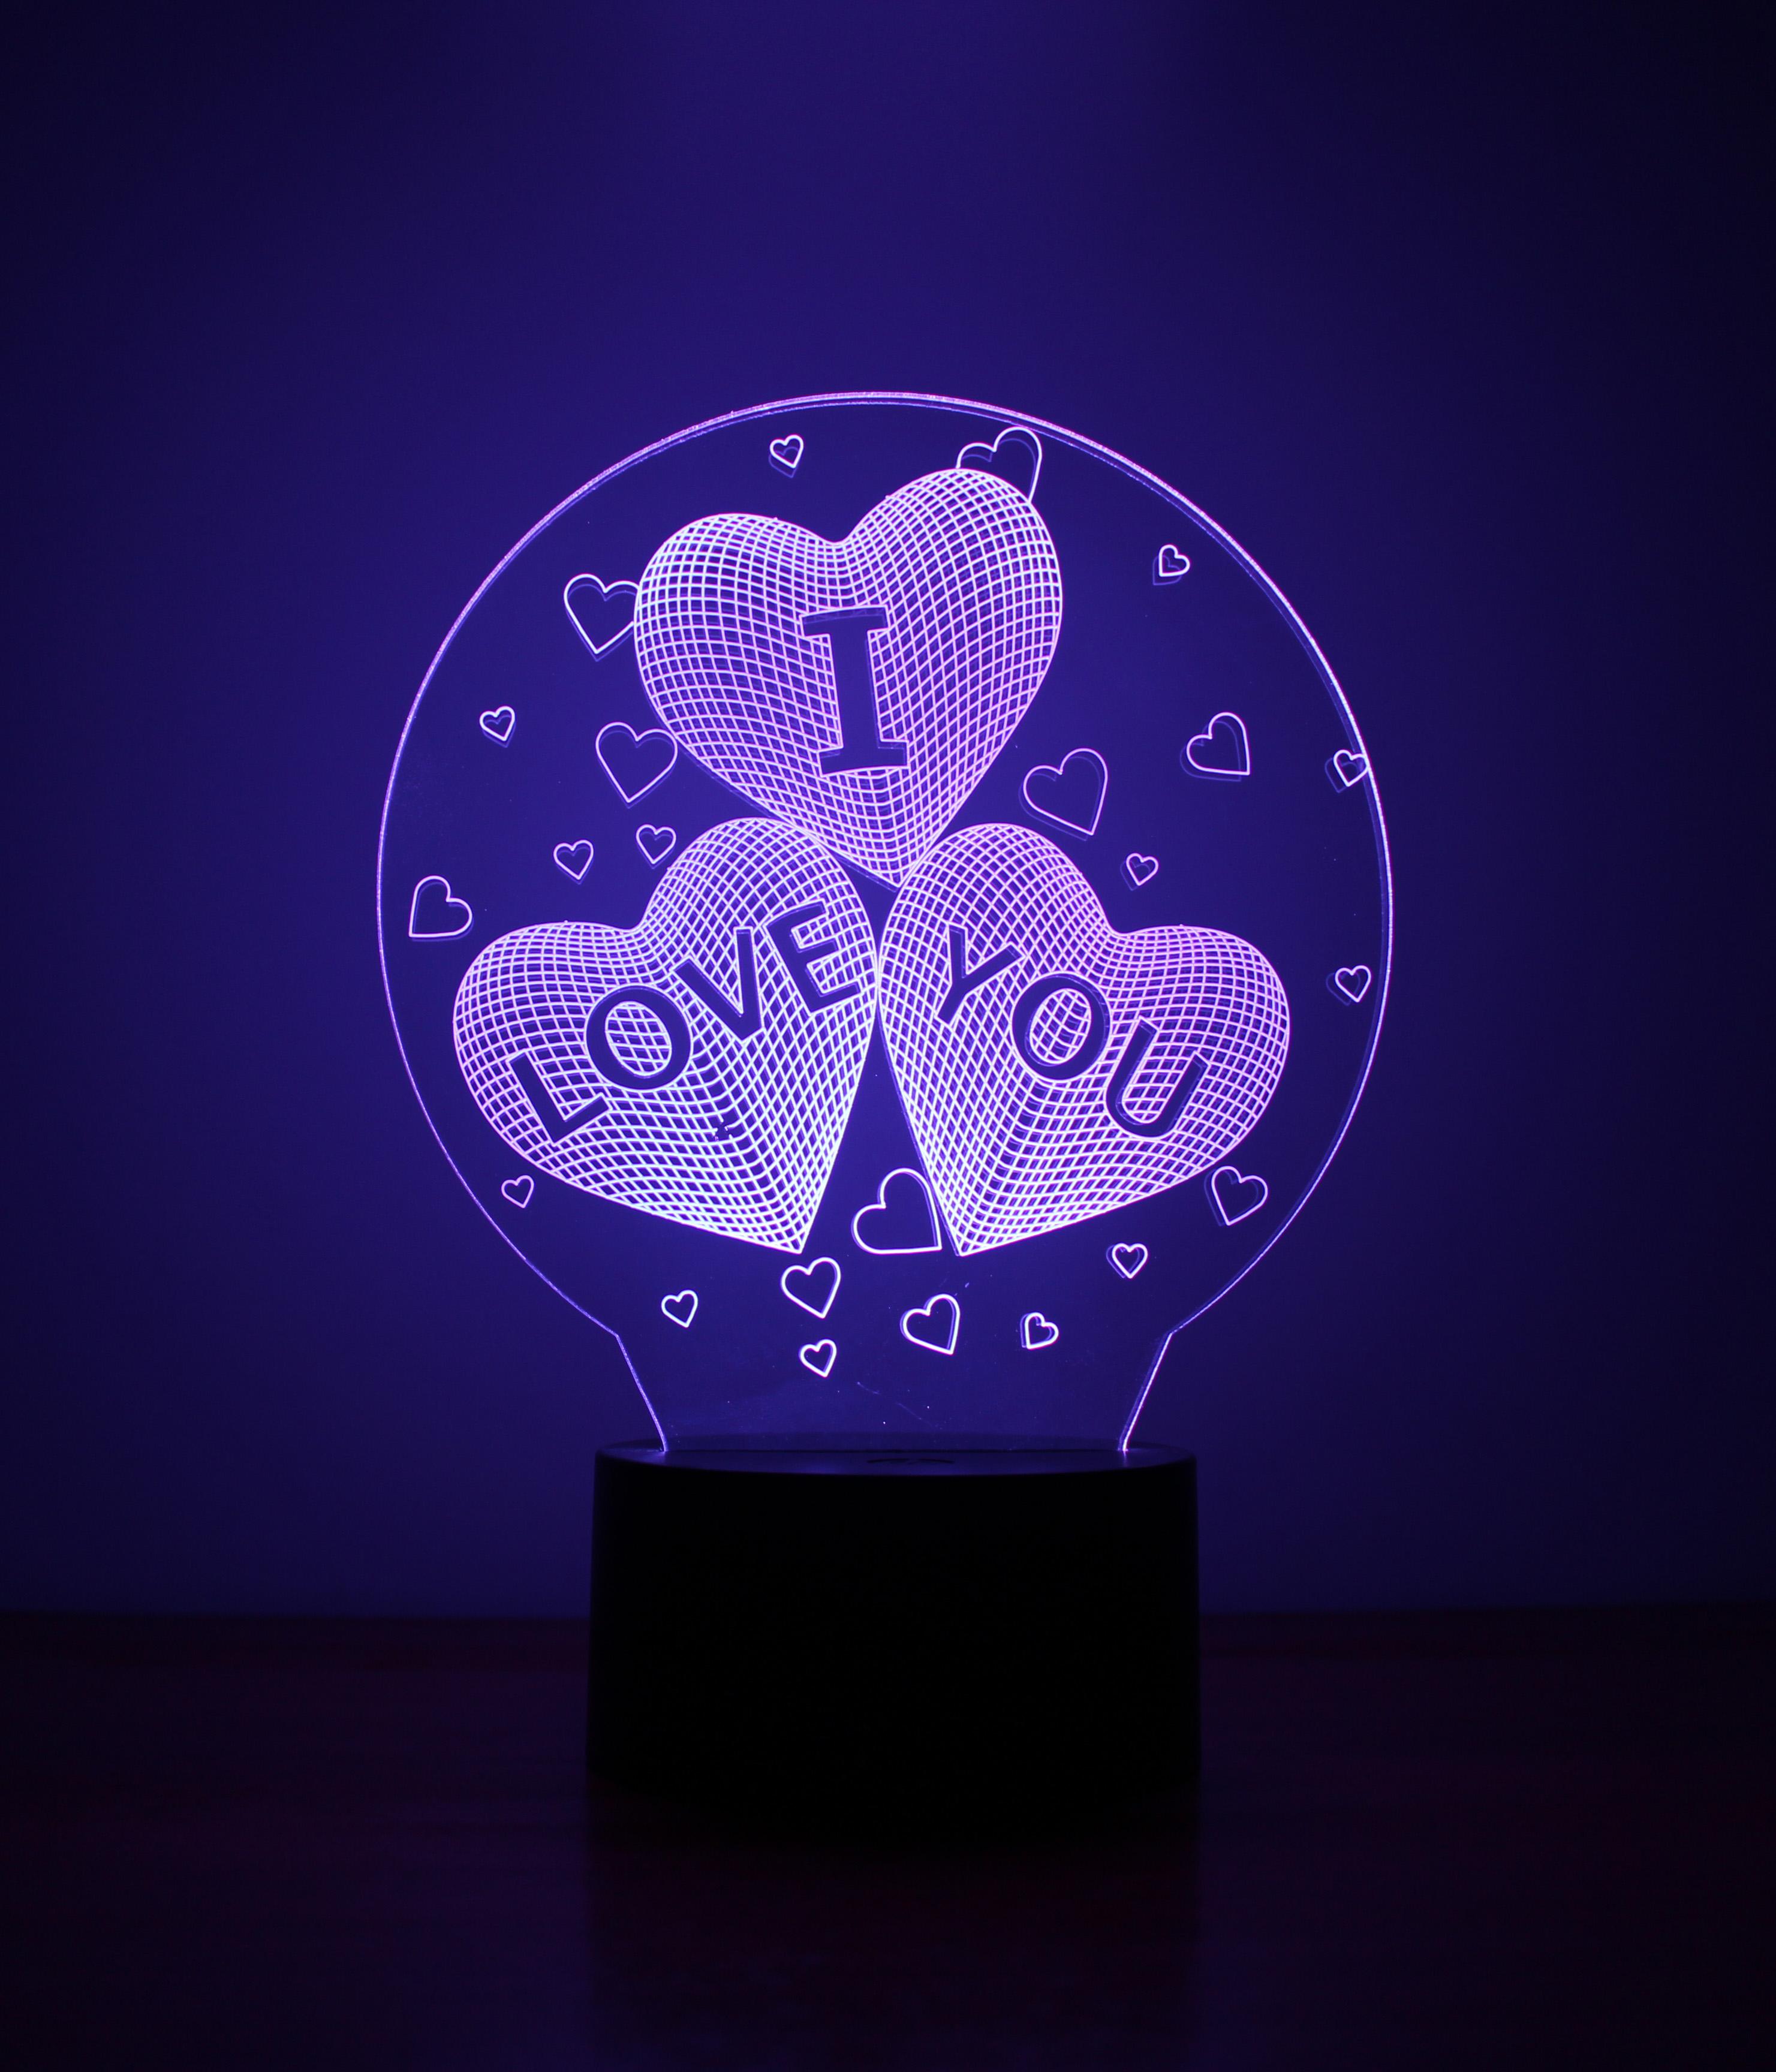 Đèn ngủ 3D - Trái tim 7 màu